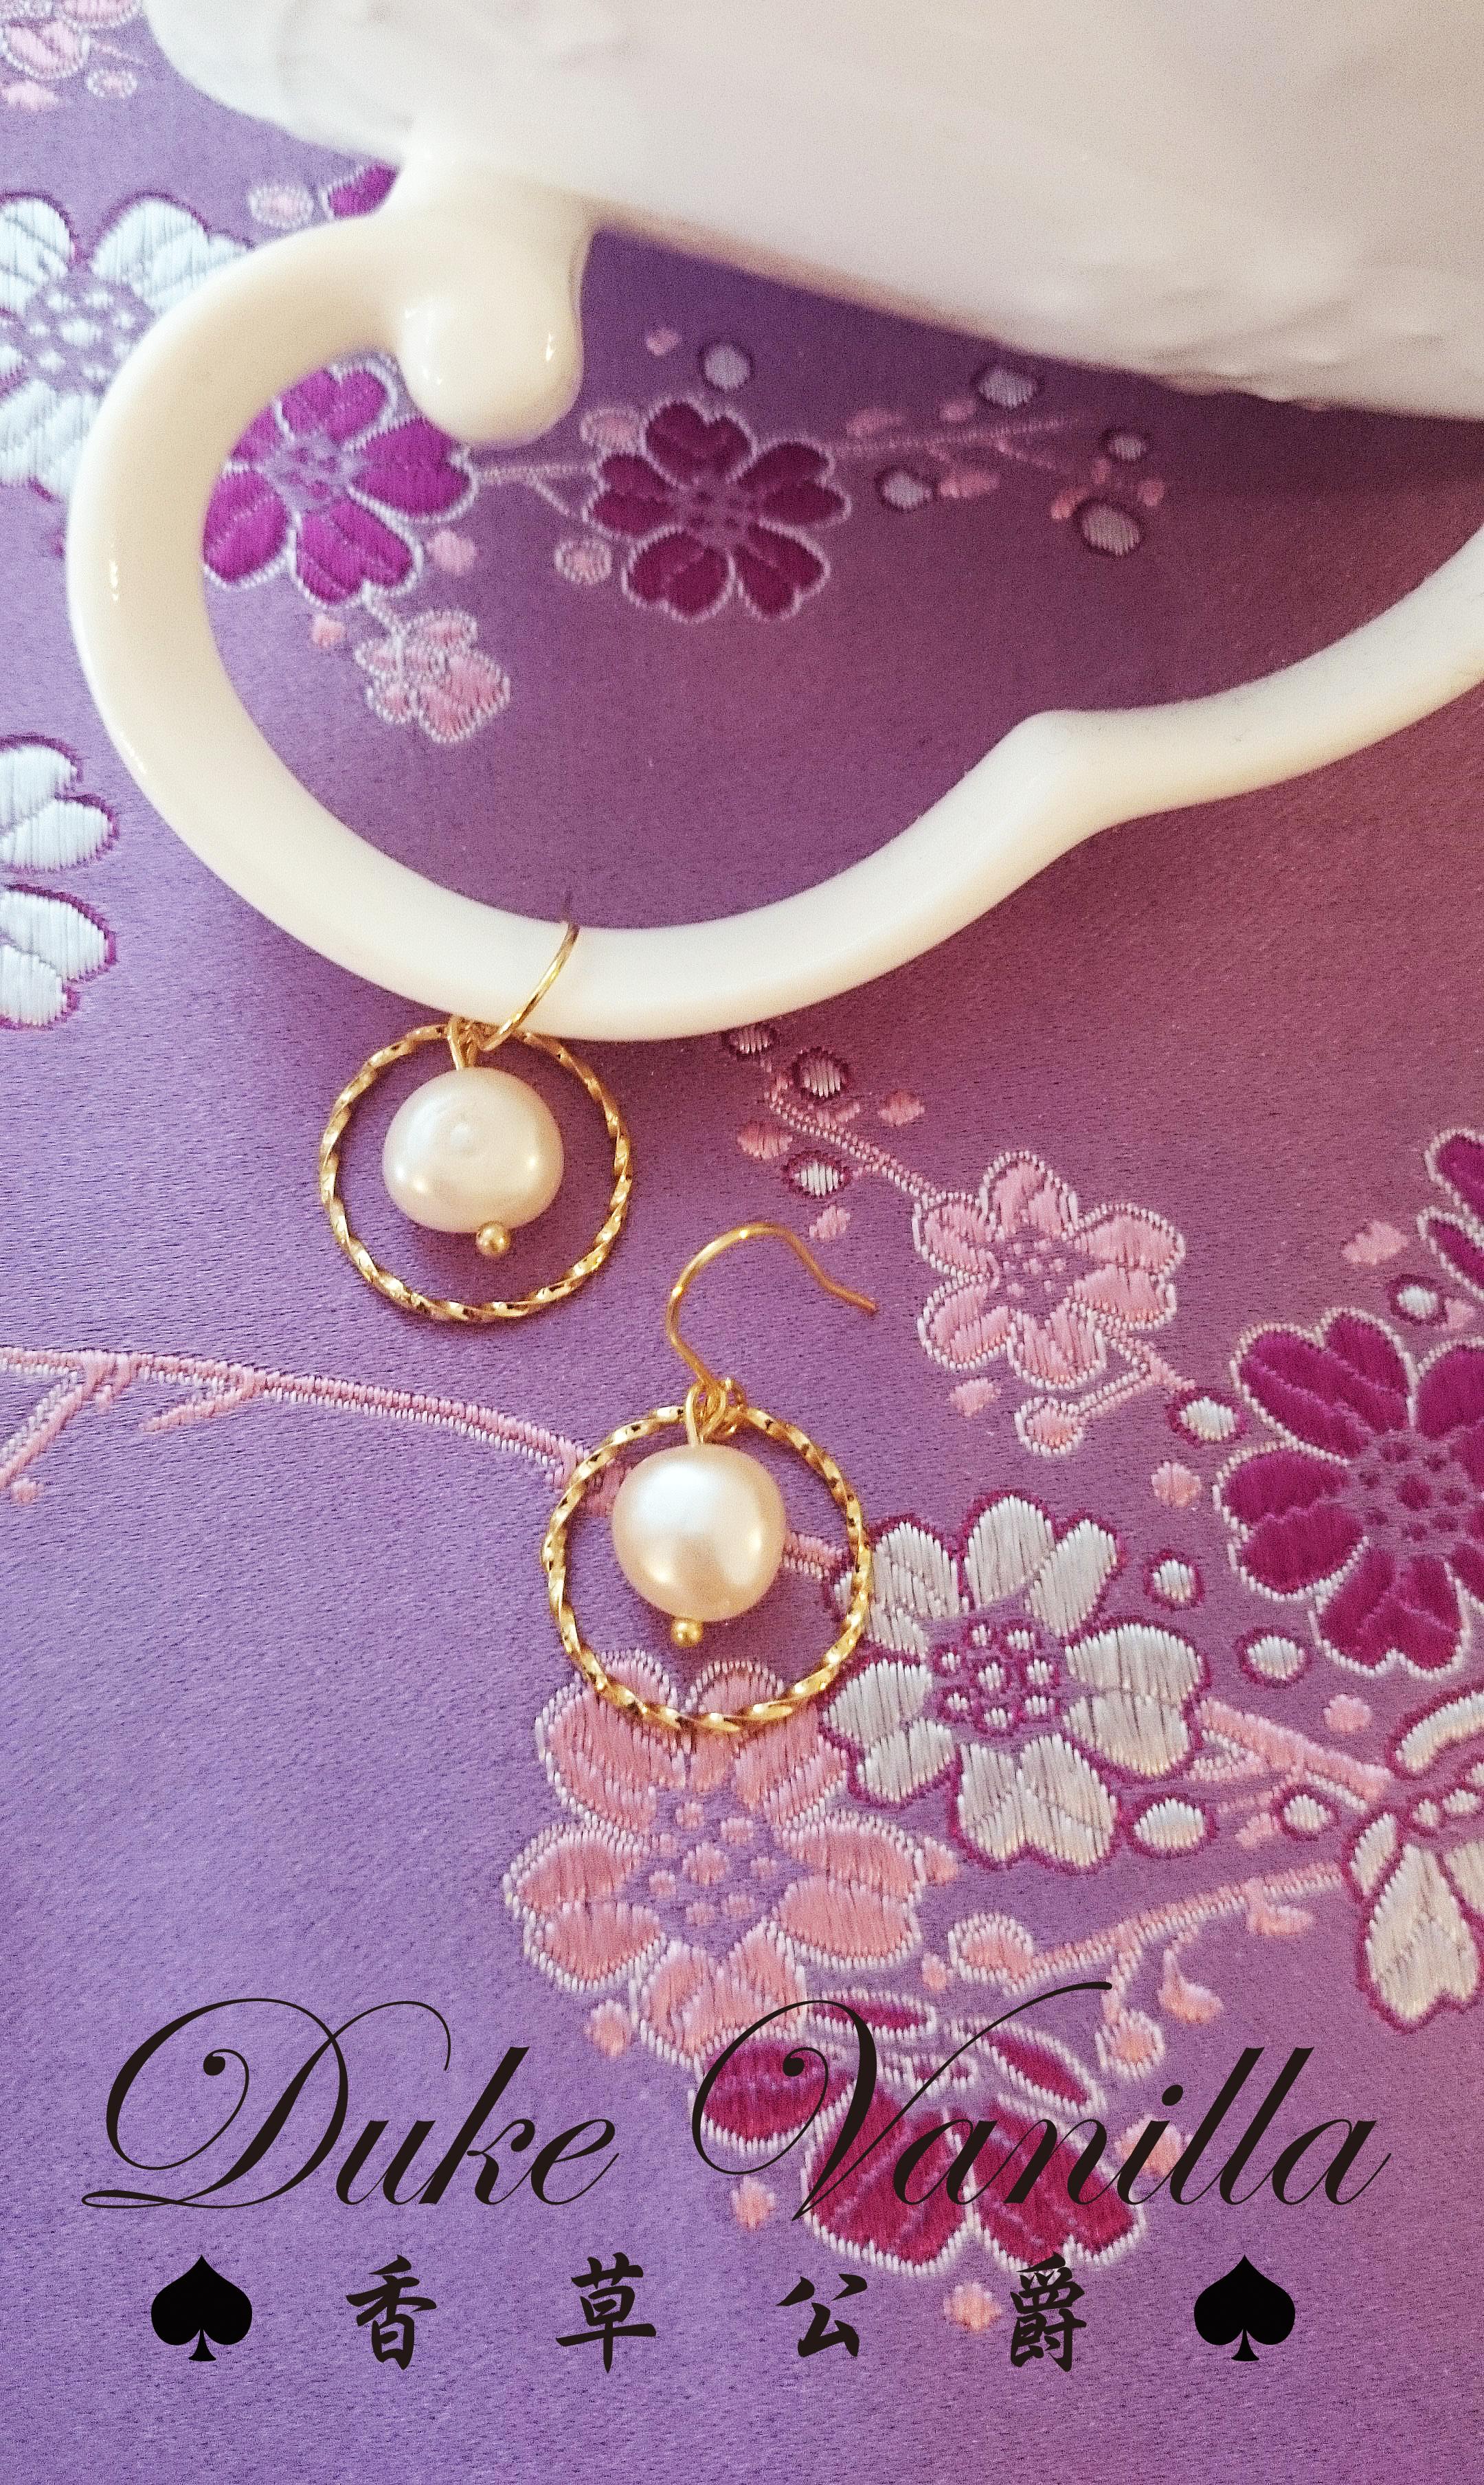 簡約和圓-淡水珍珠金圈耳環 - Duke Vanilla 香草公爵